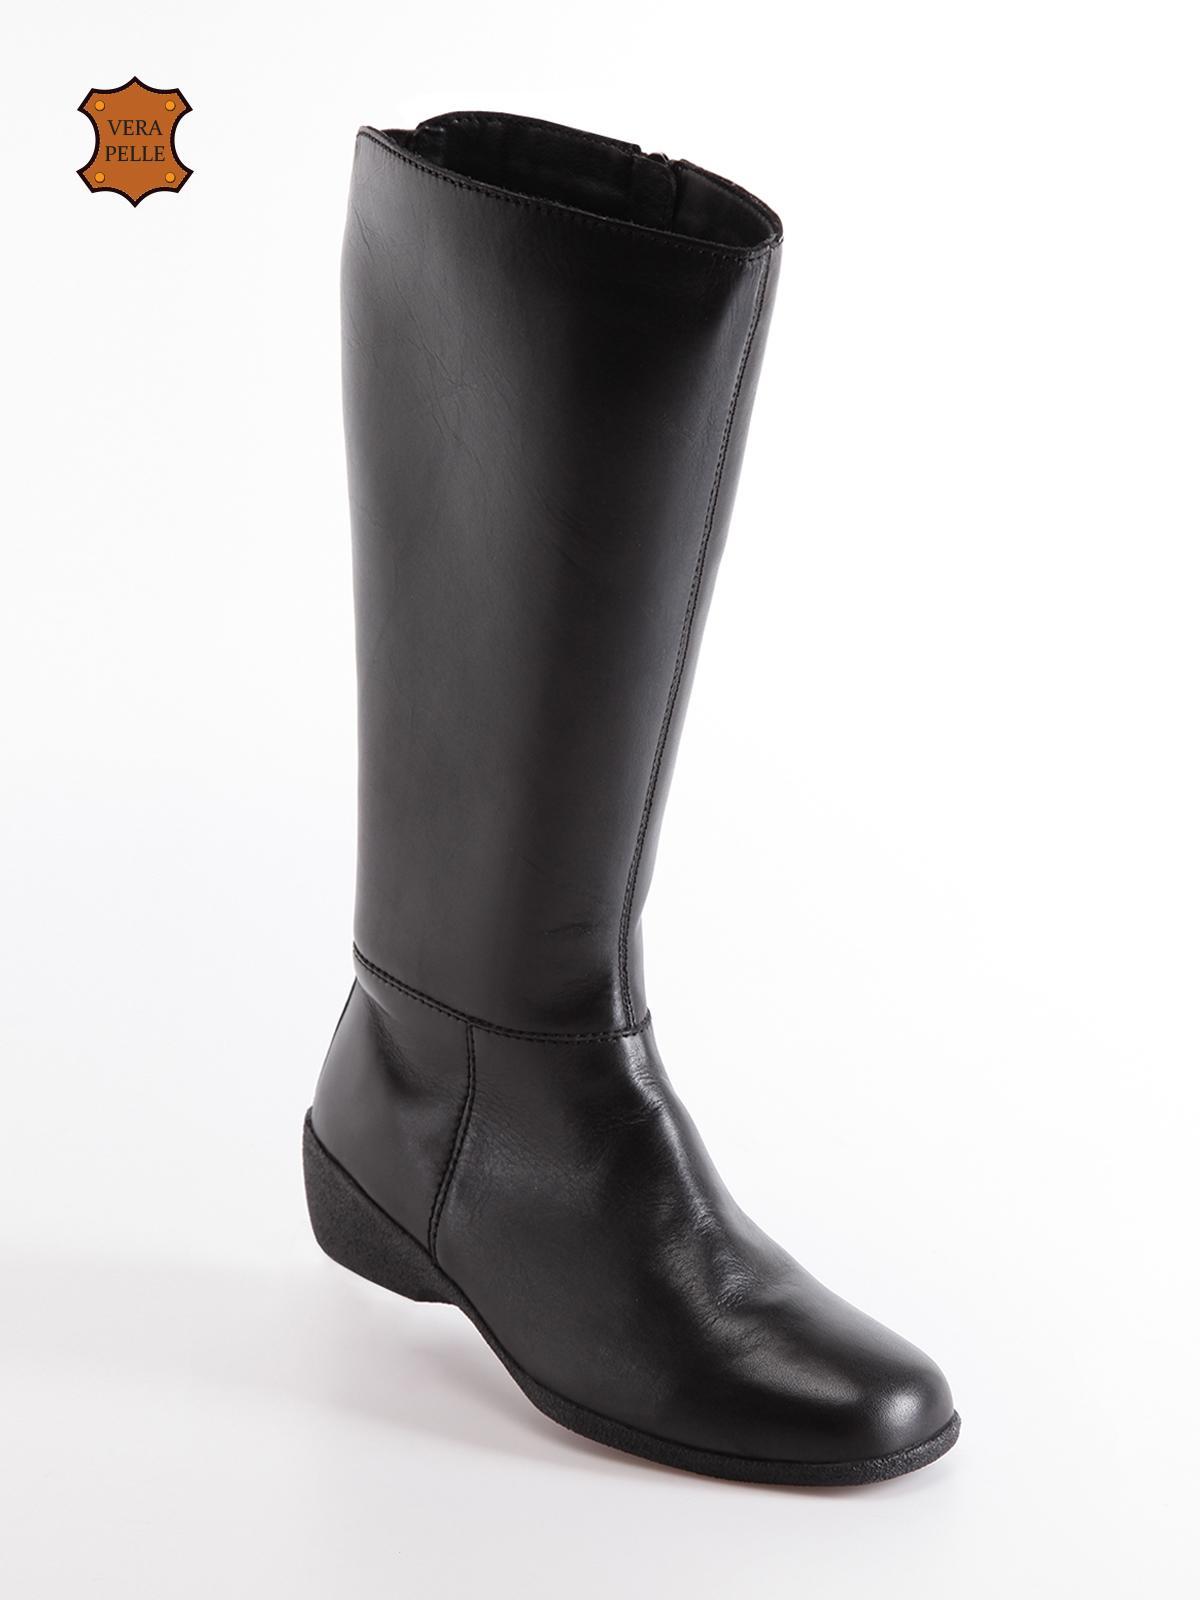 new style 23771 ce376 Stivali in pelle con zeppa bassa solada | MecShopping